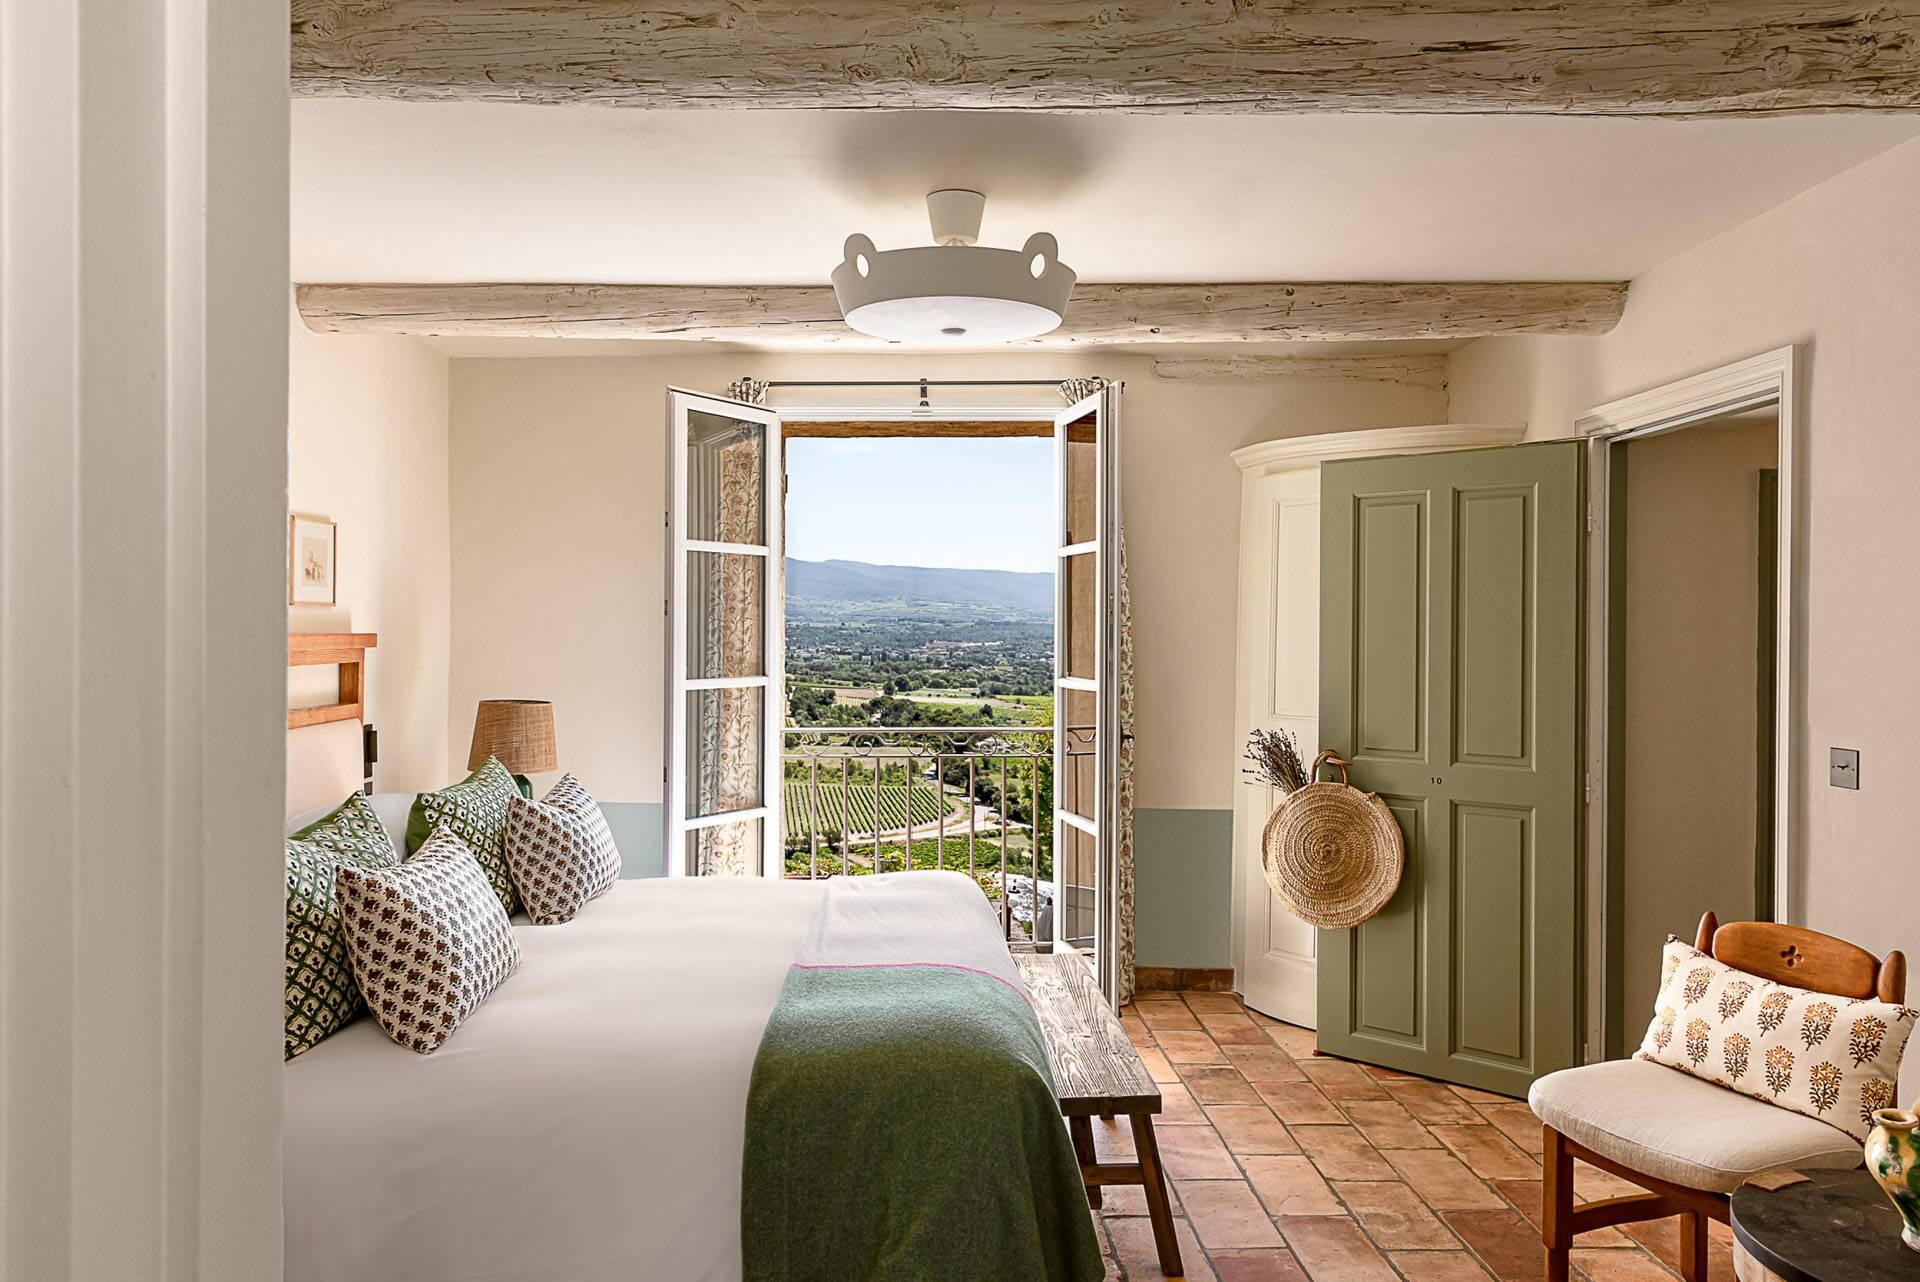 Hotel Crillon Le Brave Provence P Locqueneux Chambre Superieure Ventoux